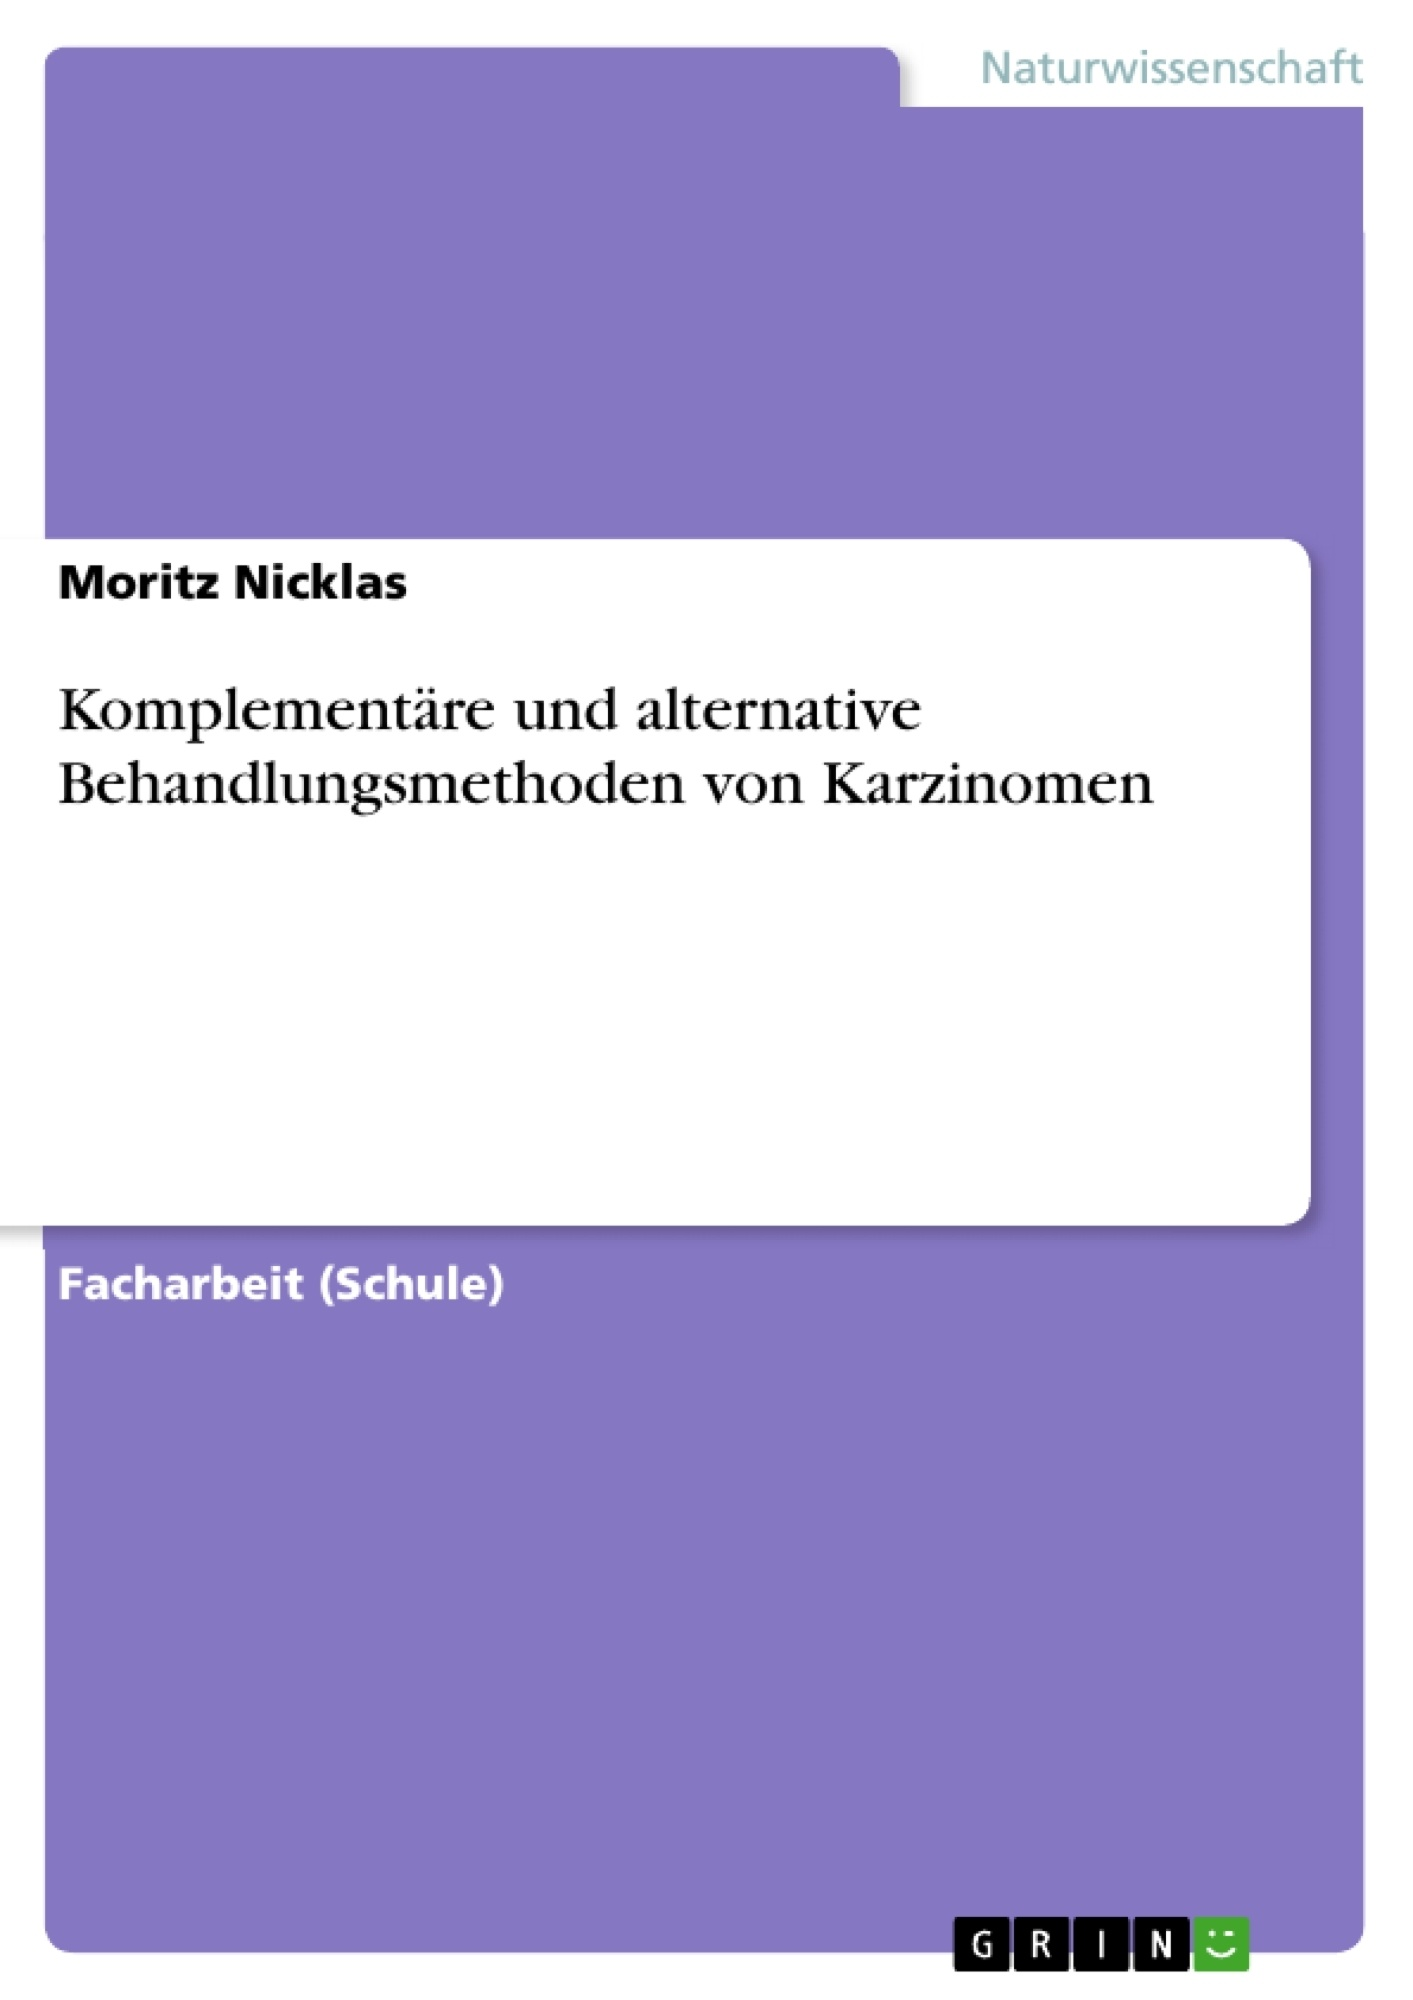 Titel: Komplementäre und alternative Behandlungsmethoden von Karzinomen